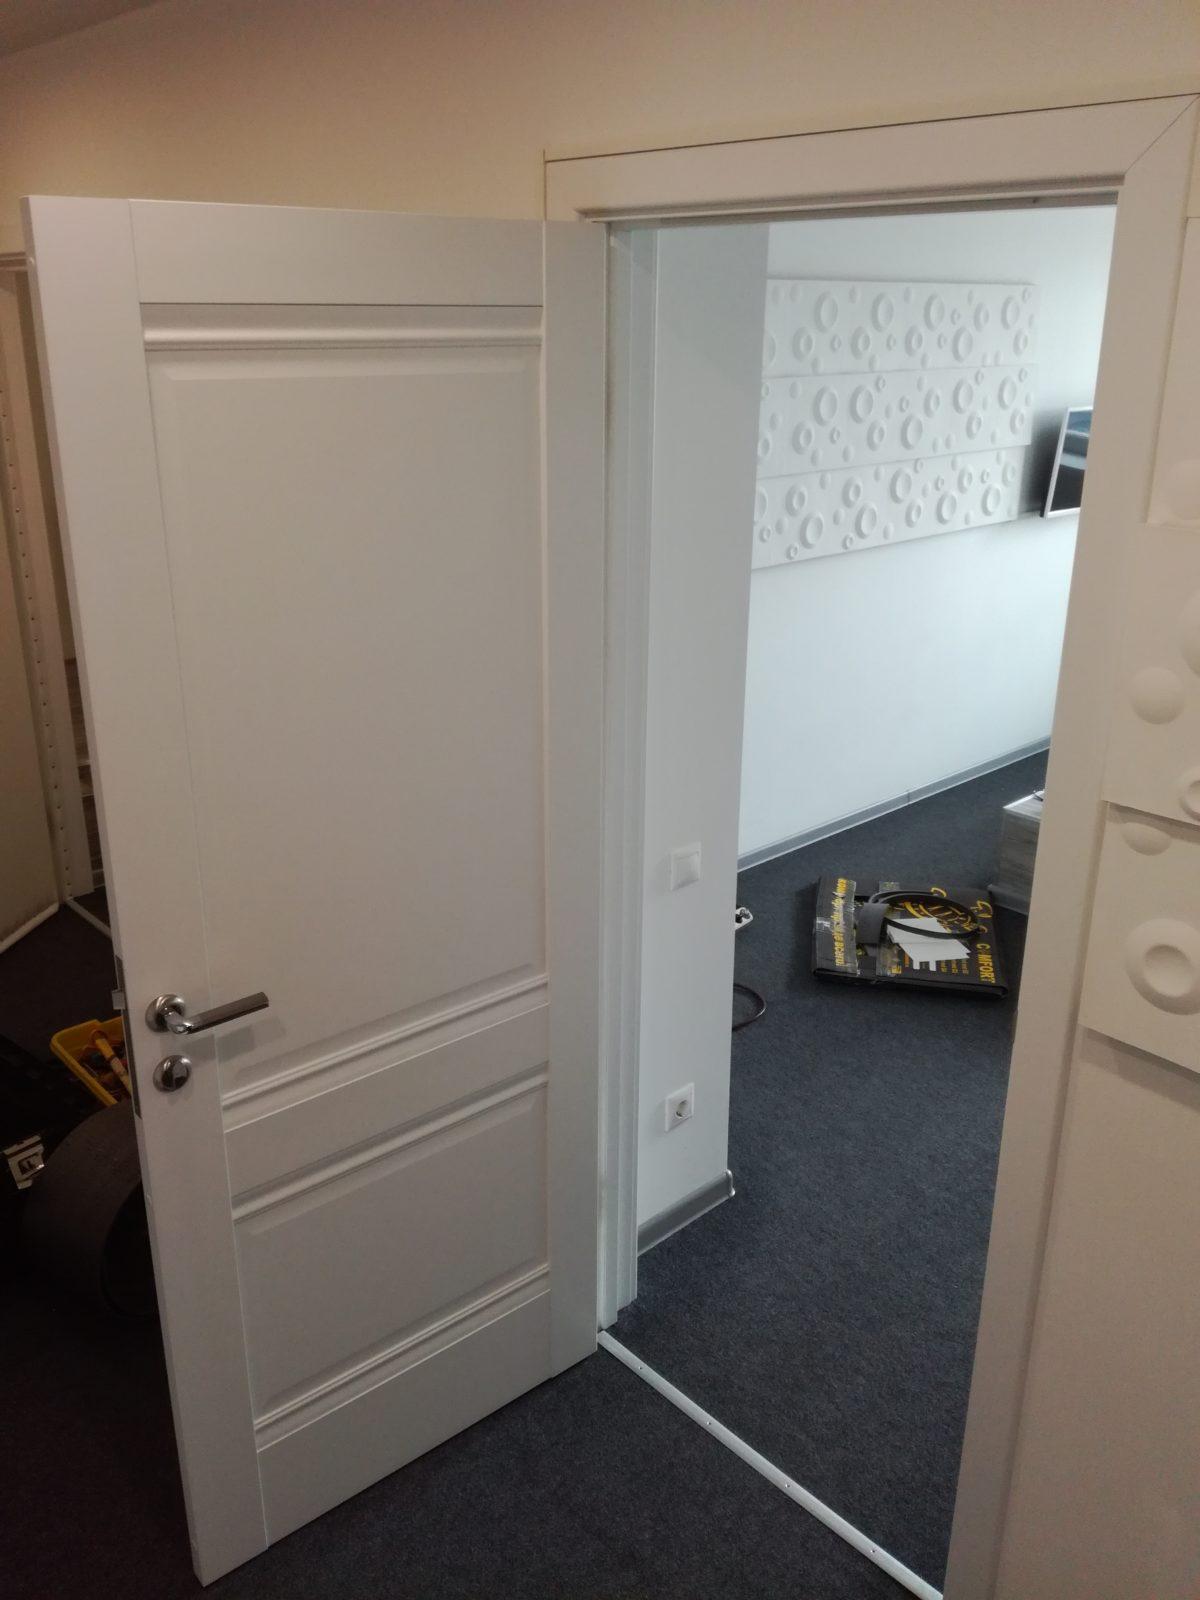 Обивка деревянных дверей в отеле с применением автомобильной шумоизоляции